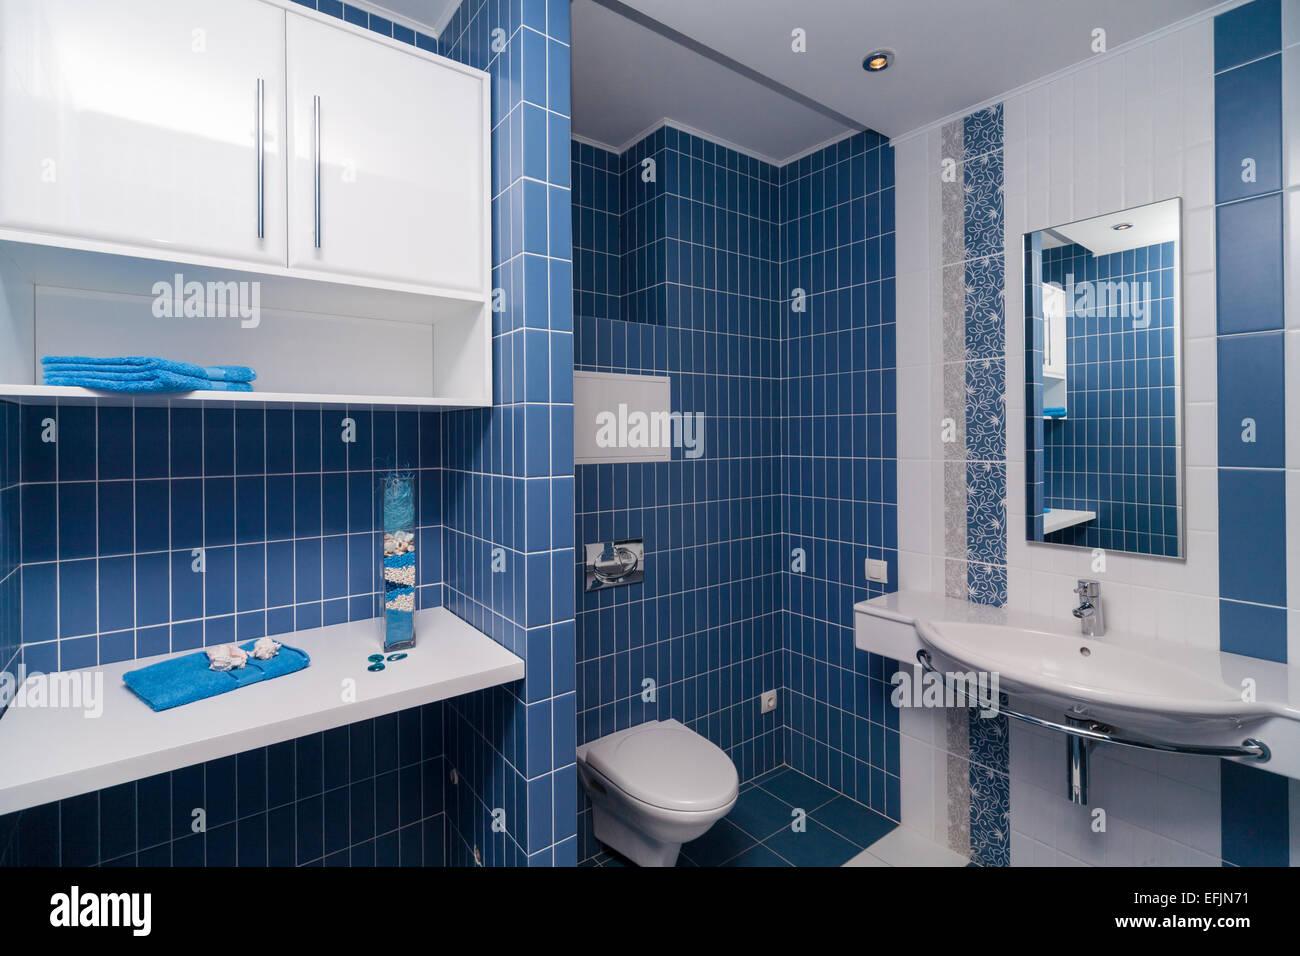 Bagno moderno toled con piastrelle bianche e blu foto immagine